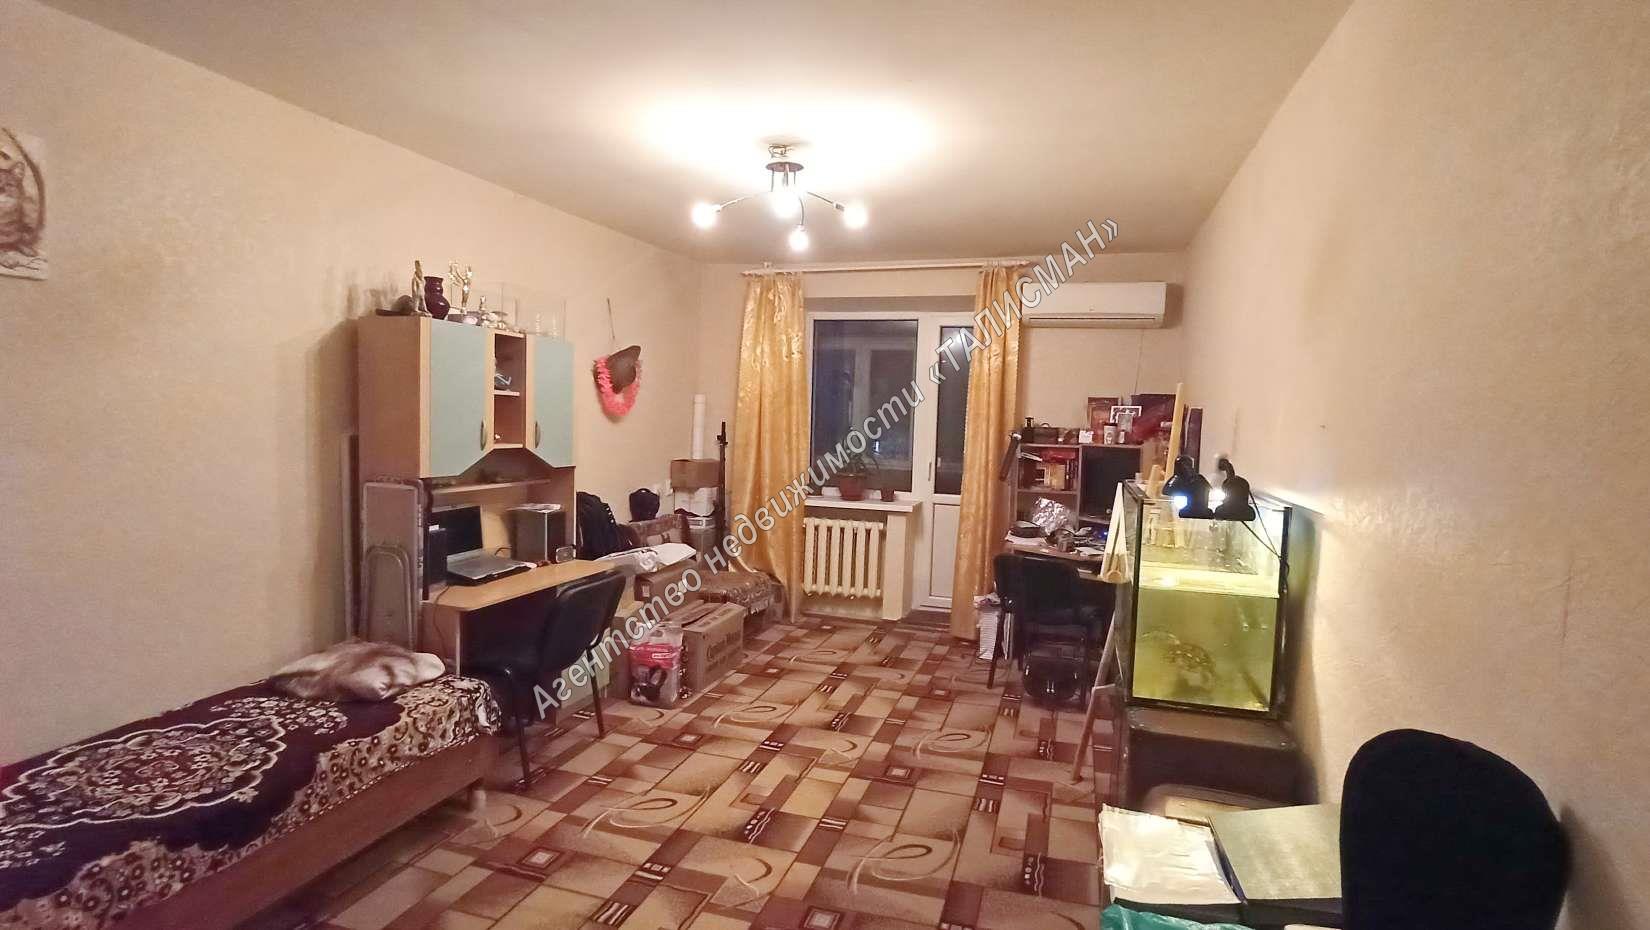 ОБЪЕКТ 31921 — 2-КОМН.КВ. В ЦЕНТРЕ УЛ.ГРЕЧЕСКАЯ